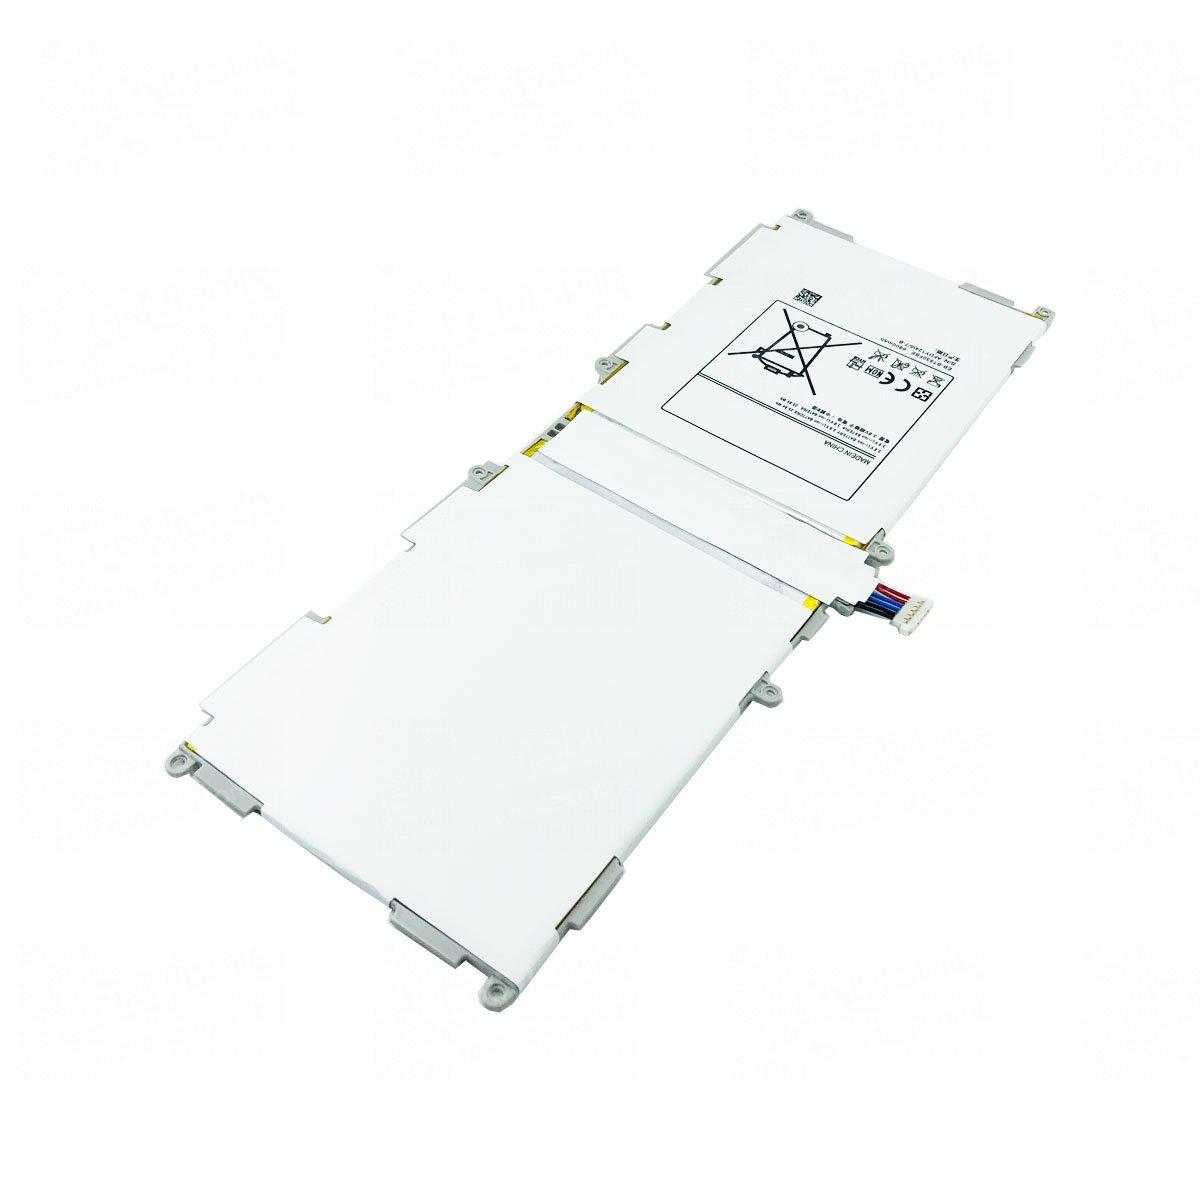 Аккумуляторная батарея для Samsung Galaxy Tab 4 10.1 WiFi (T530) EB-BT530FBE